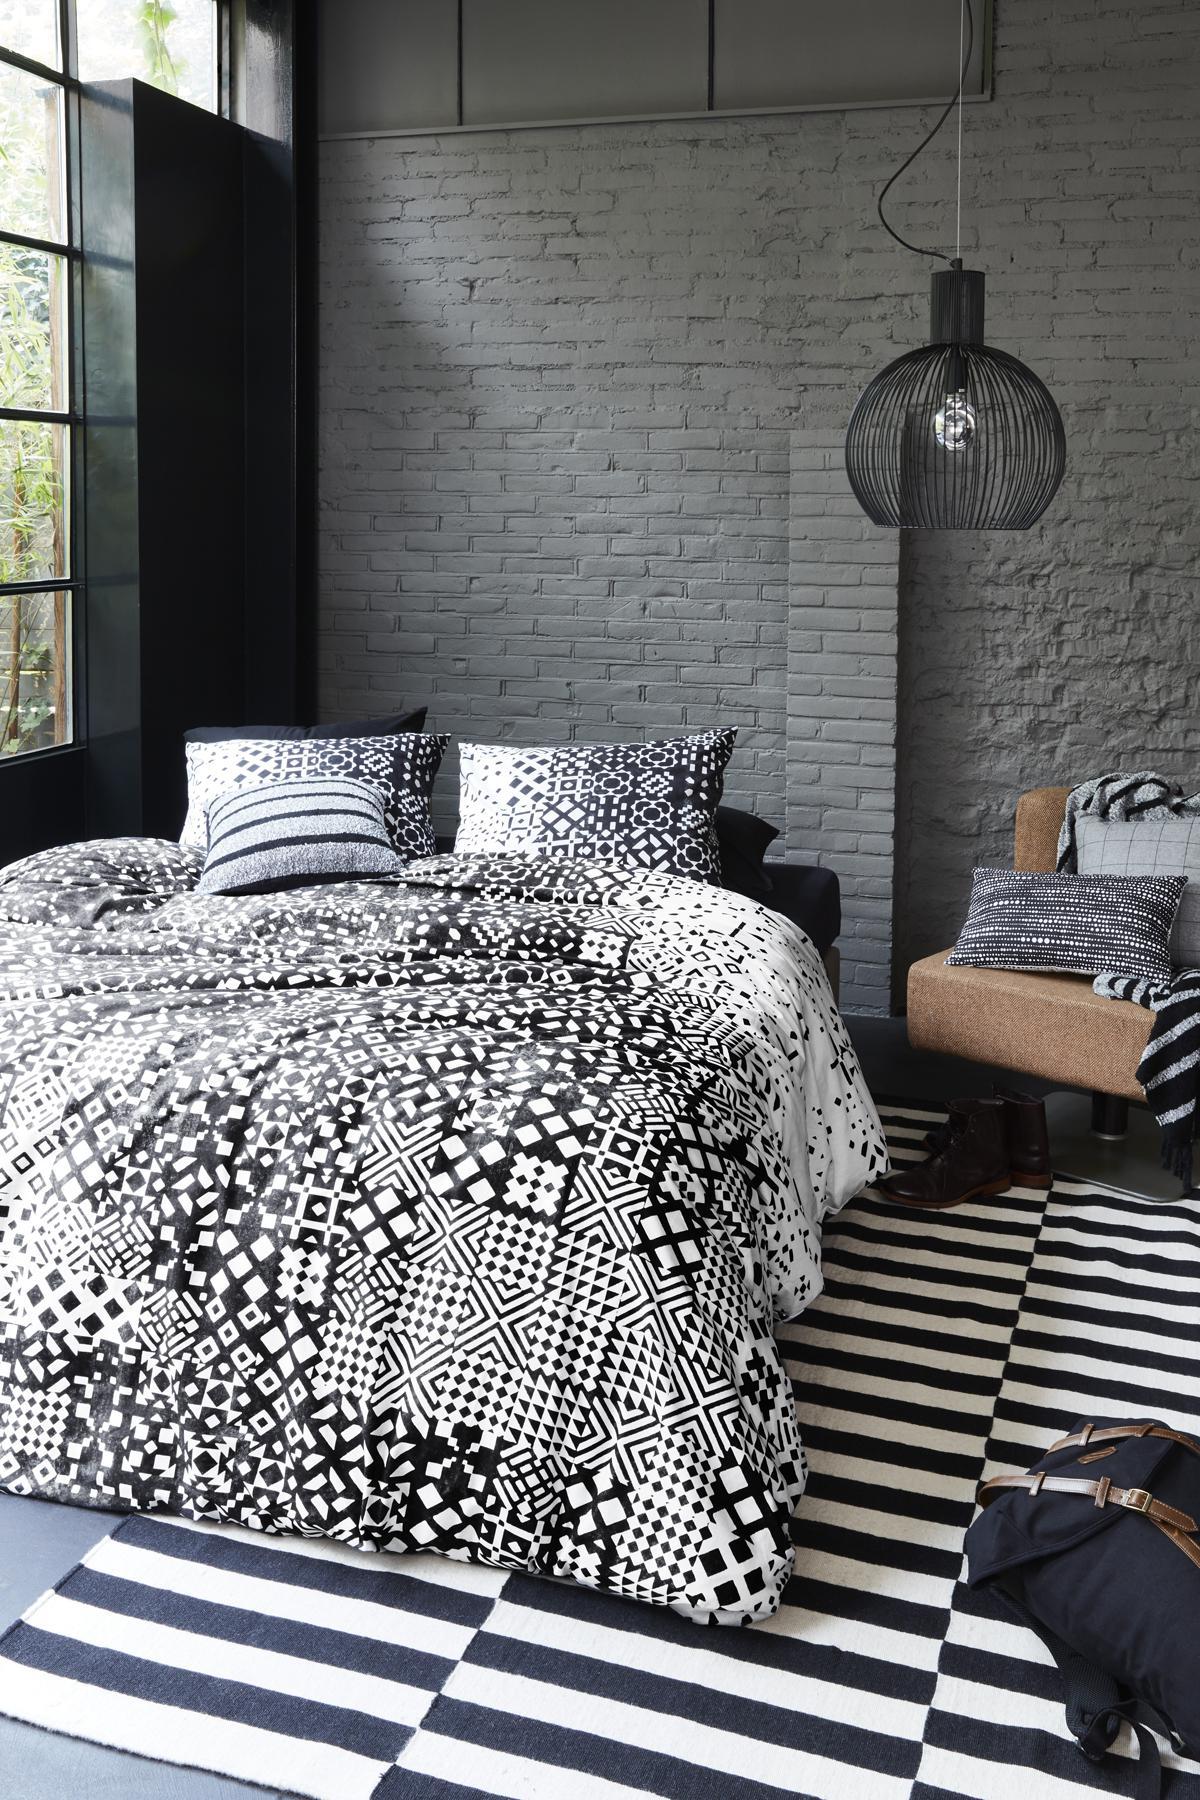 baumwoll bettw sche 155x220 schwarz wei beddinghouse 100 baumwolle kaufen bei betten krebs. Black Bedroom Furniture Sets. Home Design Ideas